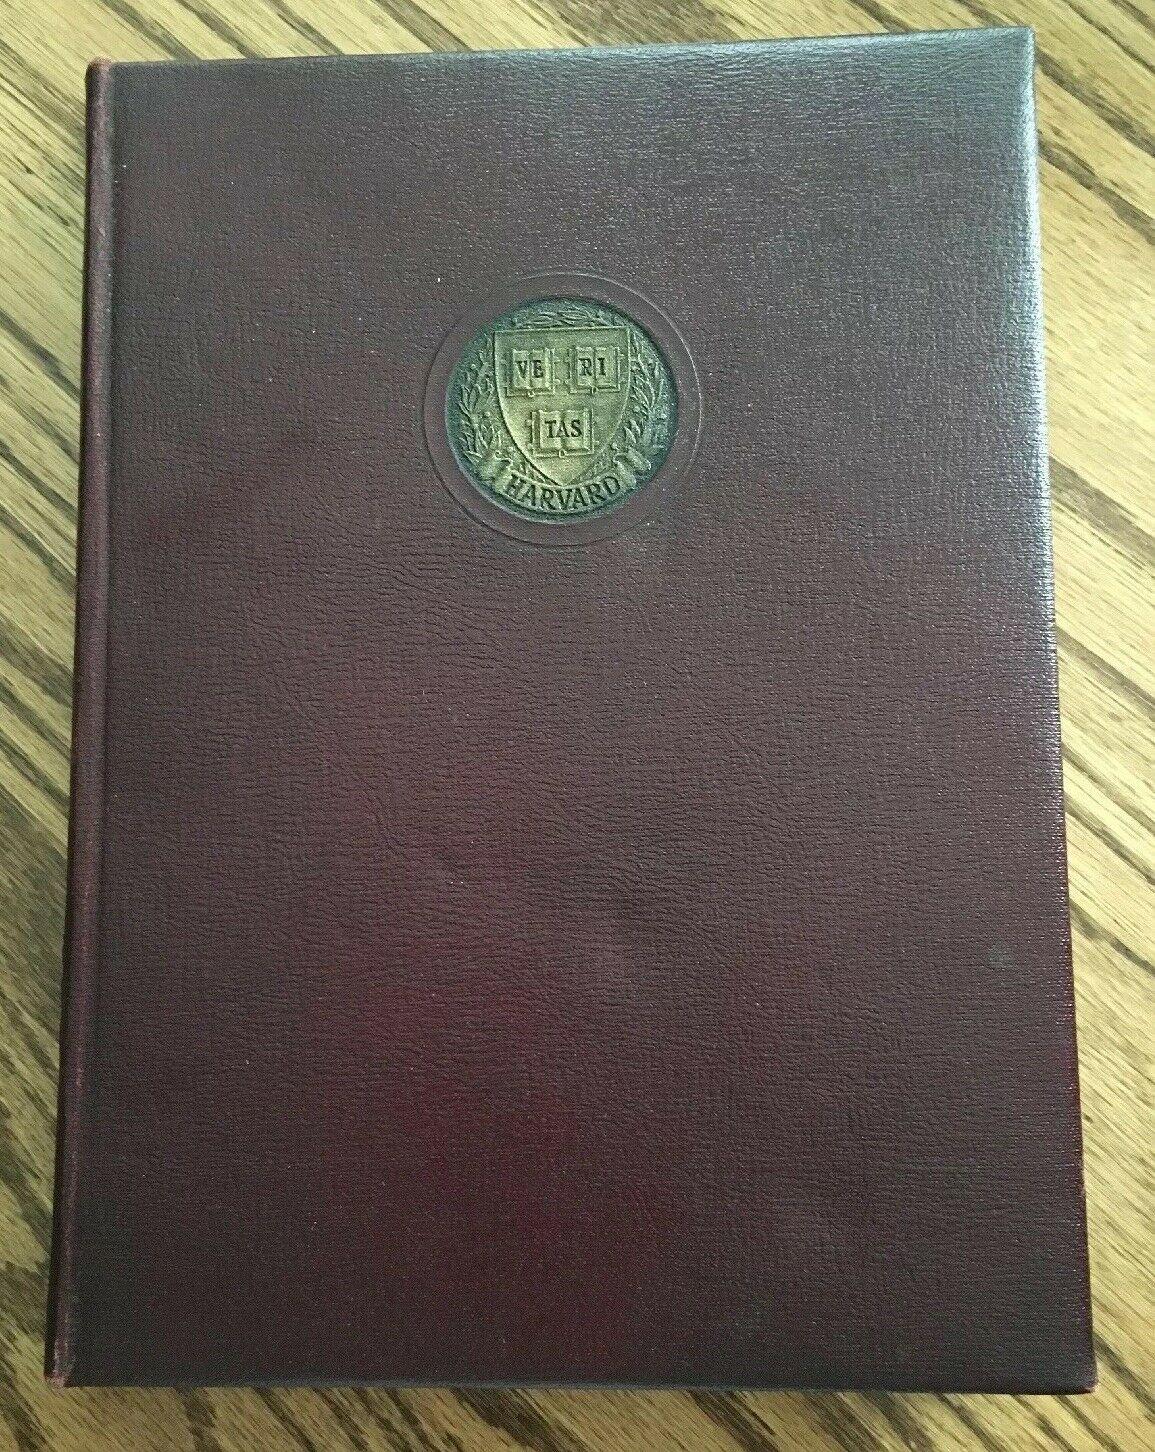 1947 HARVARD UNIVERSITY LAW SCHOOL YEARBOOK